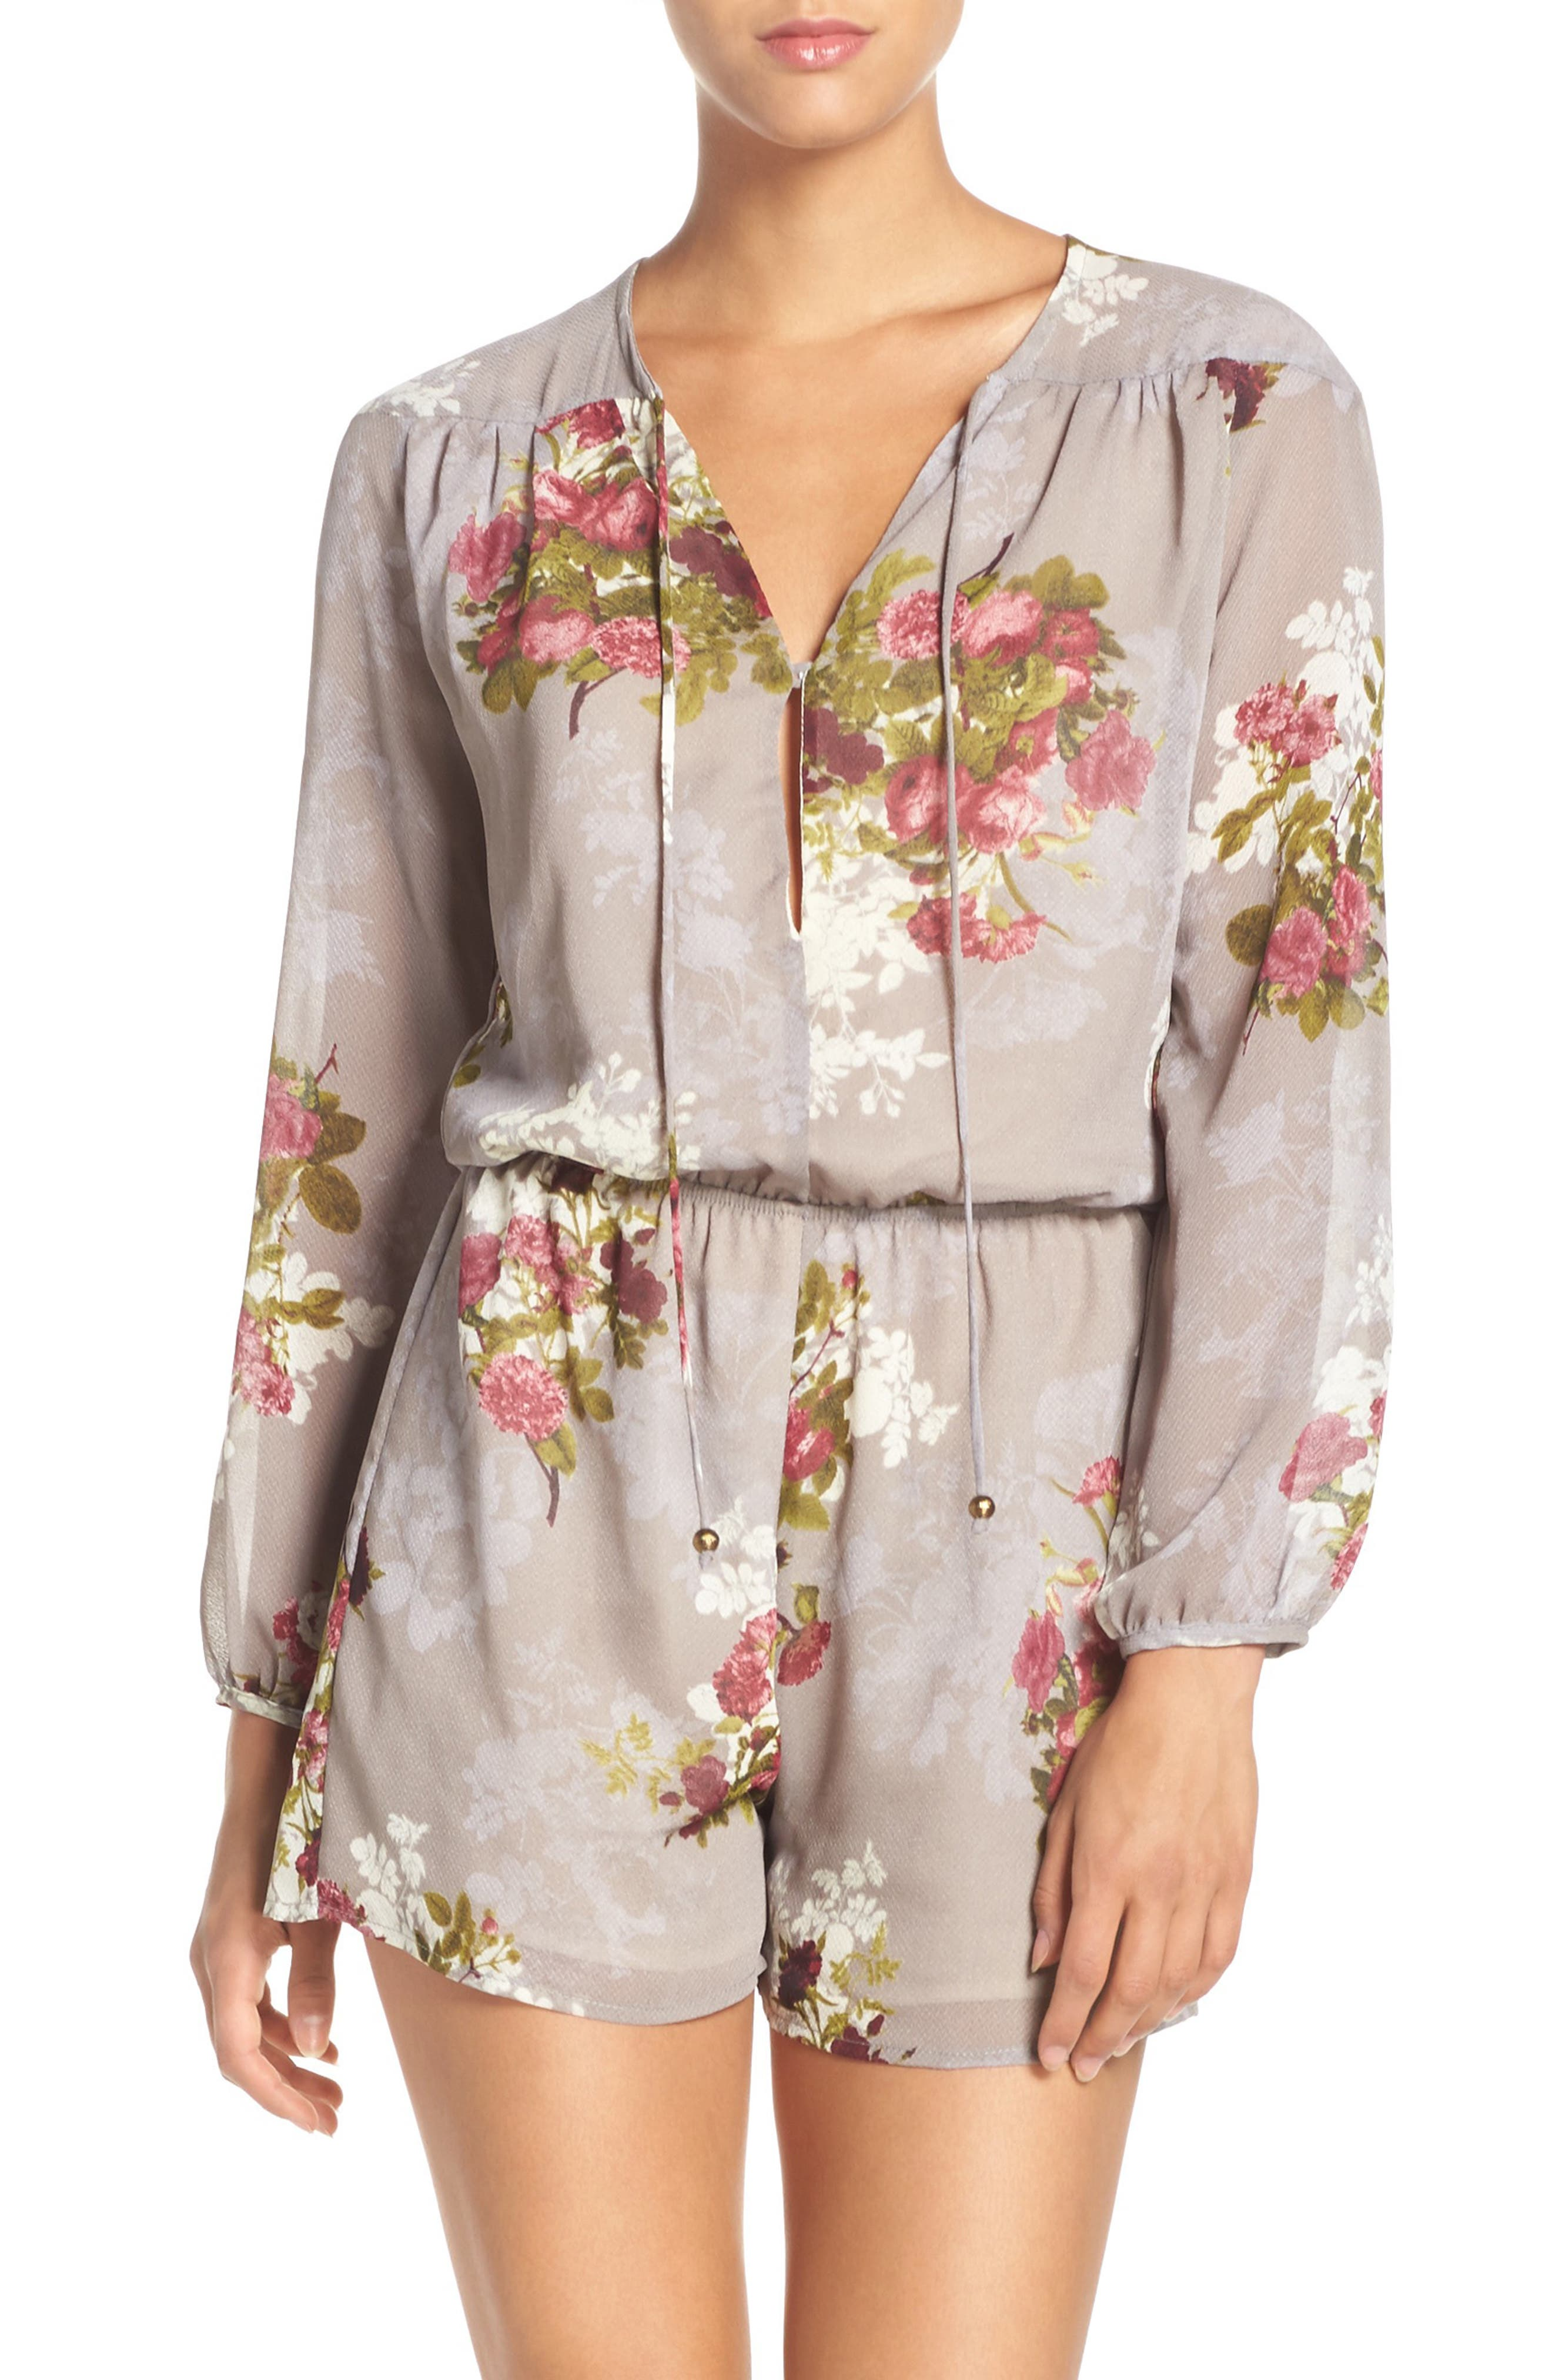 'Julia' Floral Print Tie Neck Romper,                             Alternate thumbnail 5, color,                             040